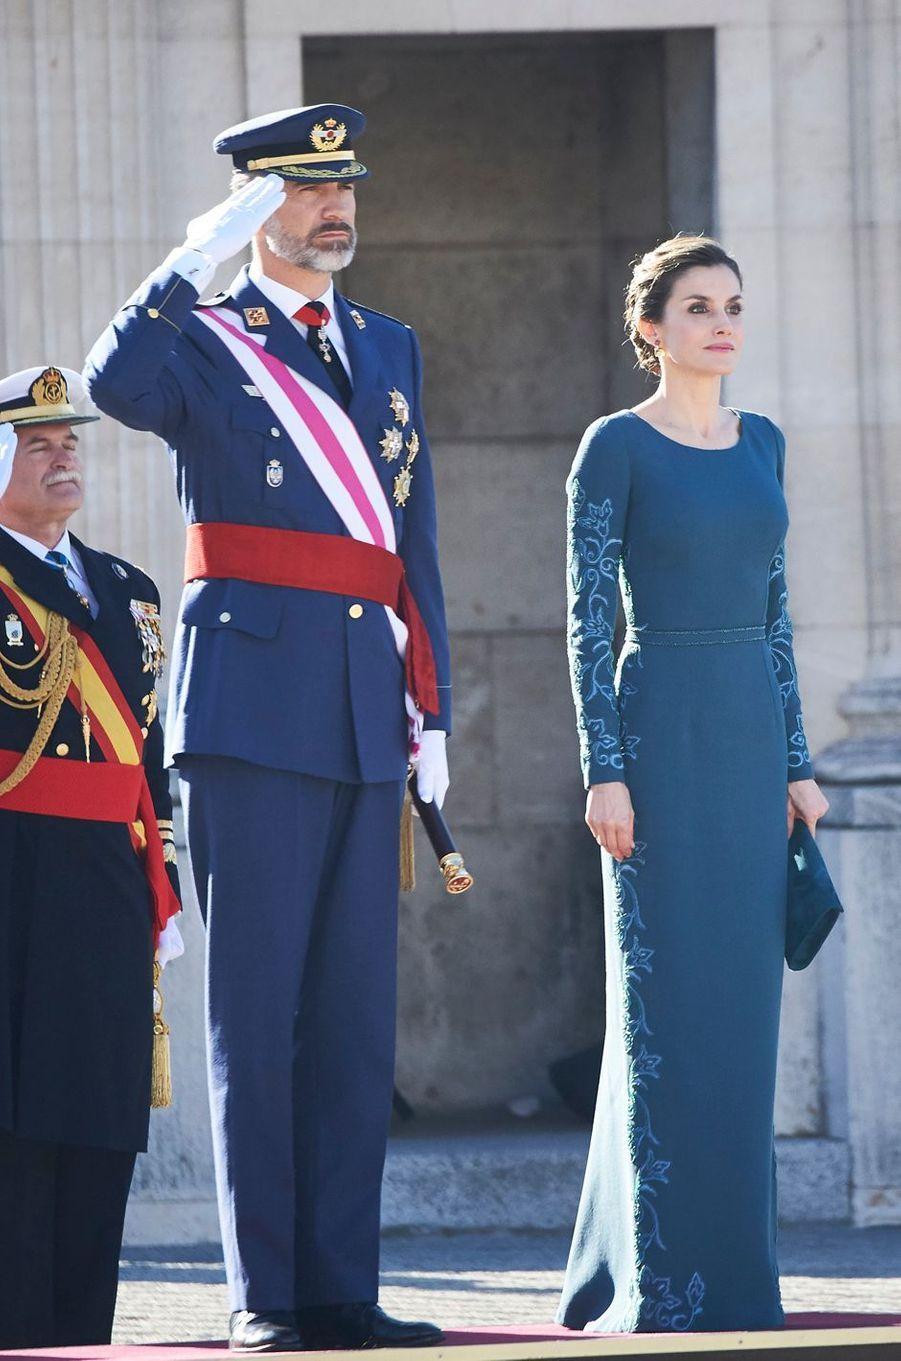 Letizia Felipe VI Espagne Paque Militaire Madrid 6 Janv 2016 10